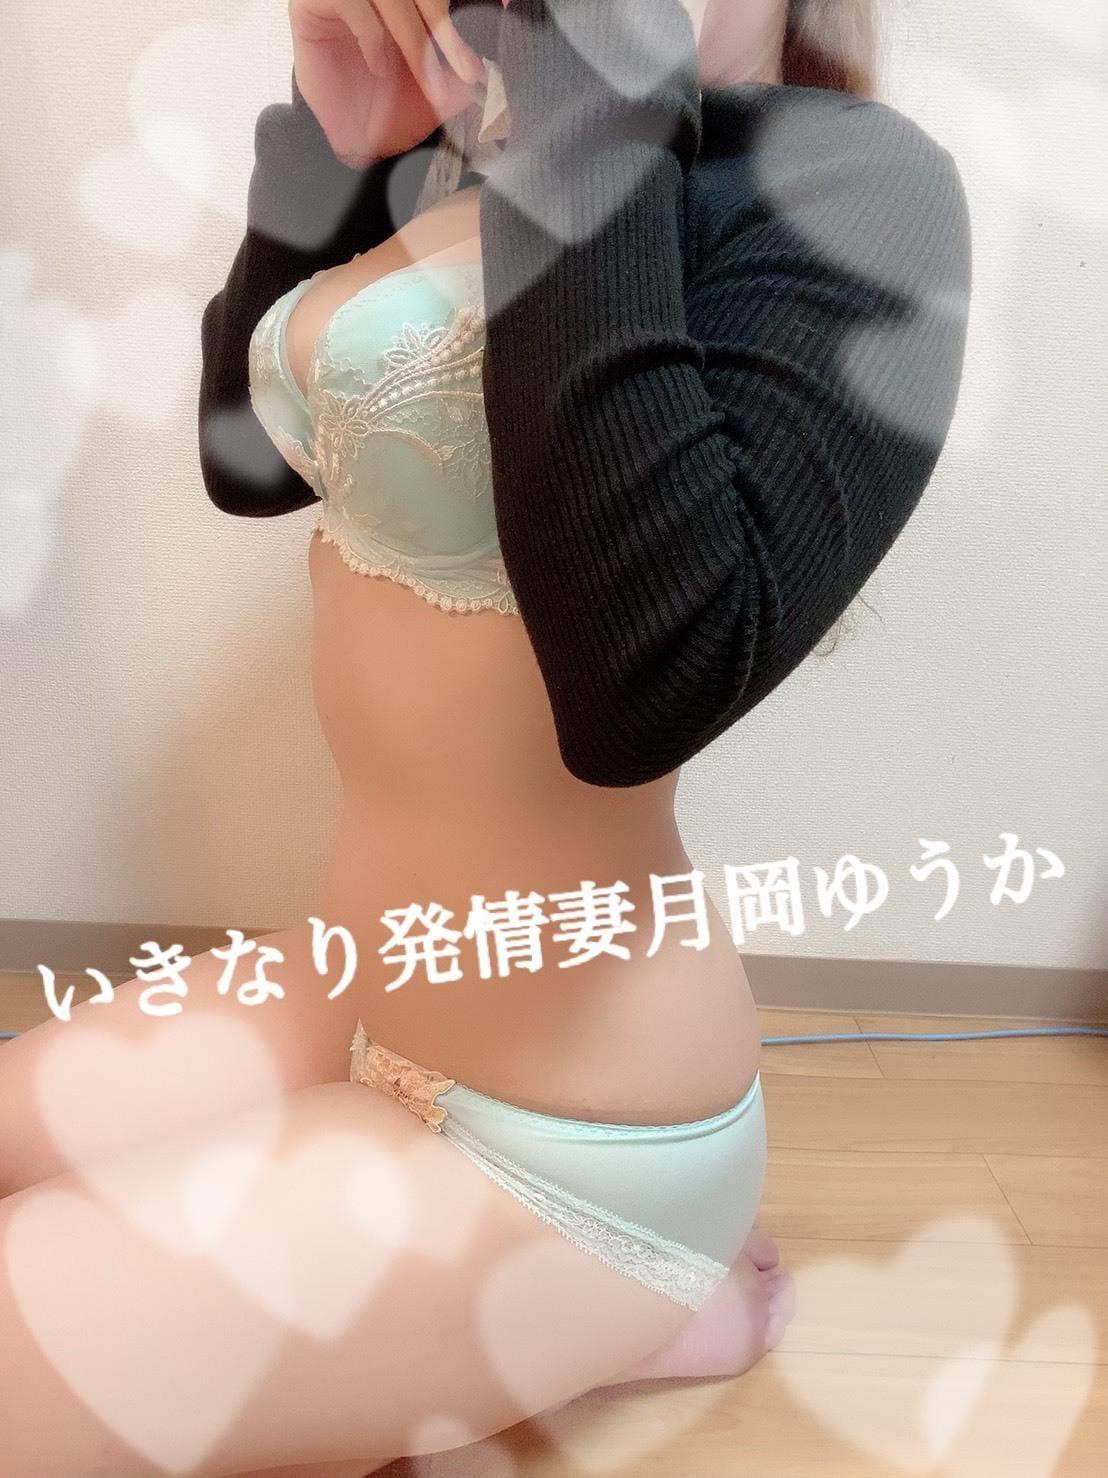 「出勤です★」04/03(金) 16:00 | 月岡ゆうかの写メ・風俗動画